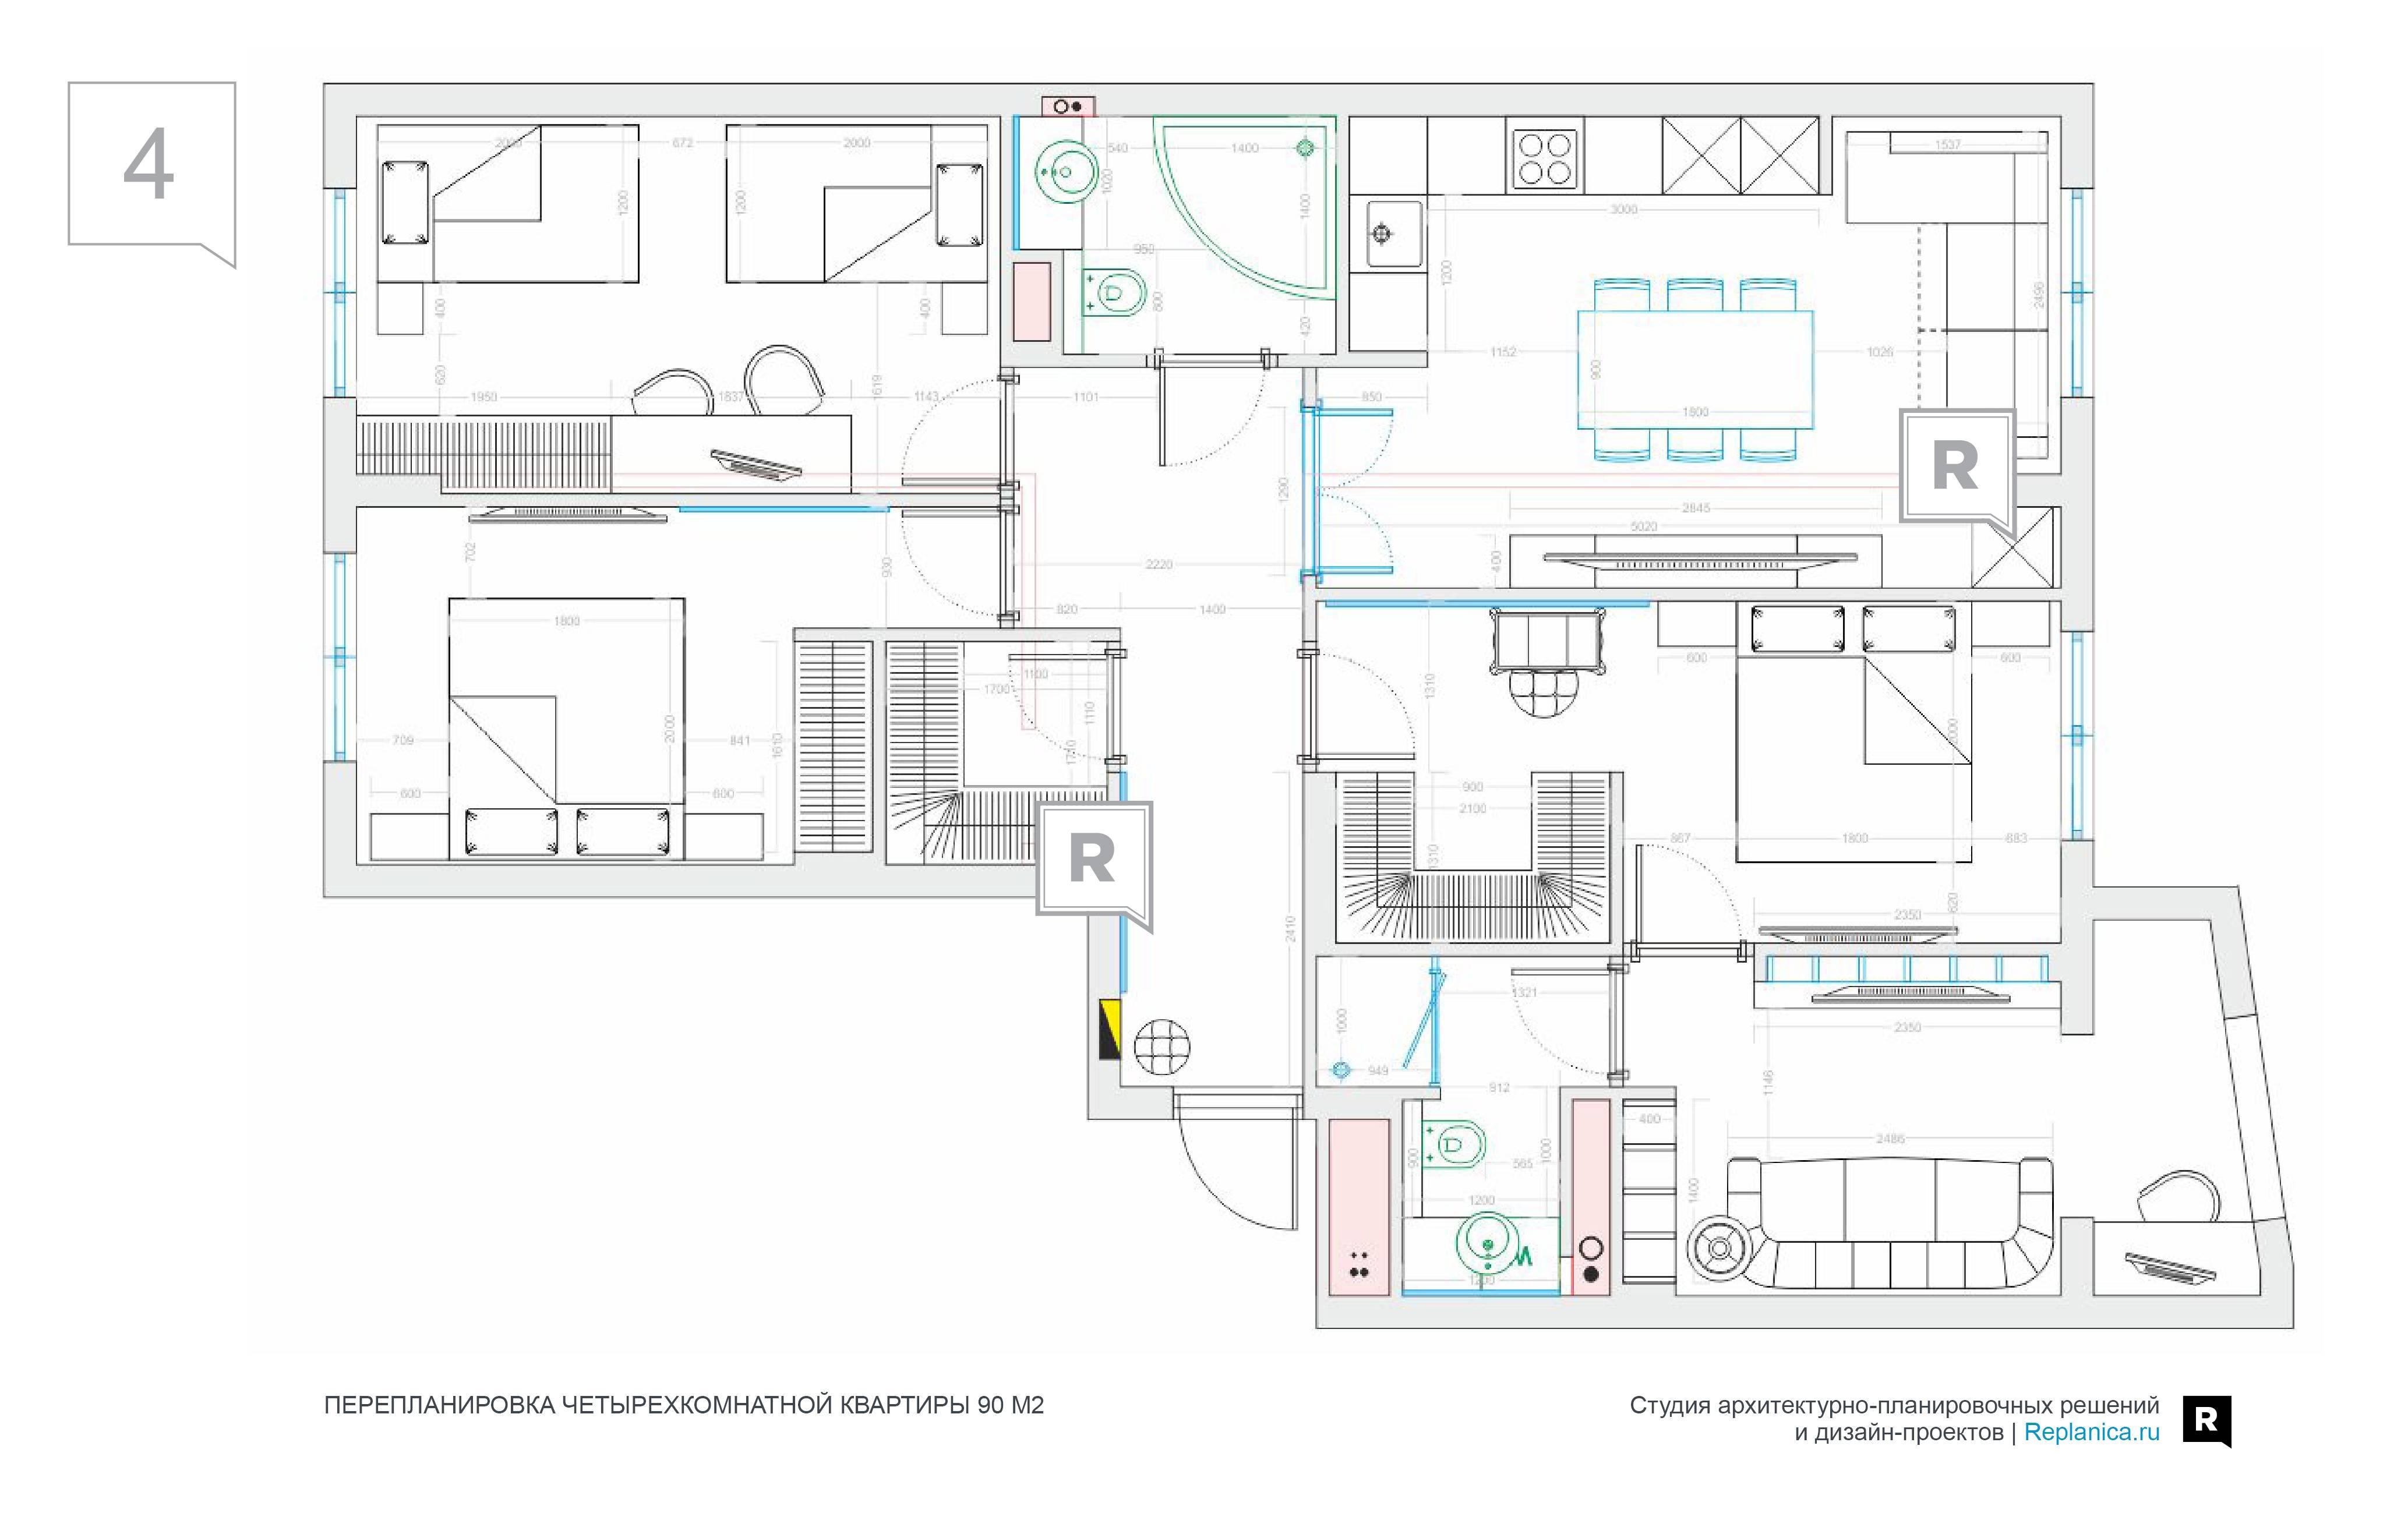 Особенности планировки 4-х комнатной квартиры